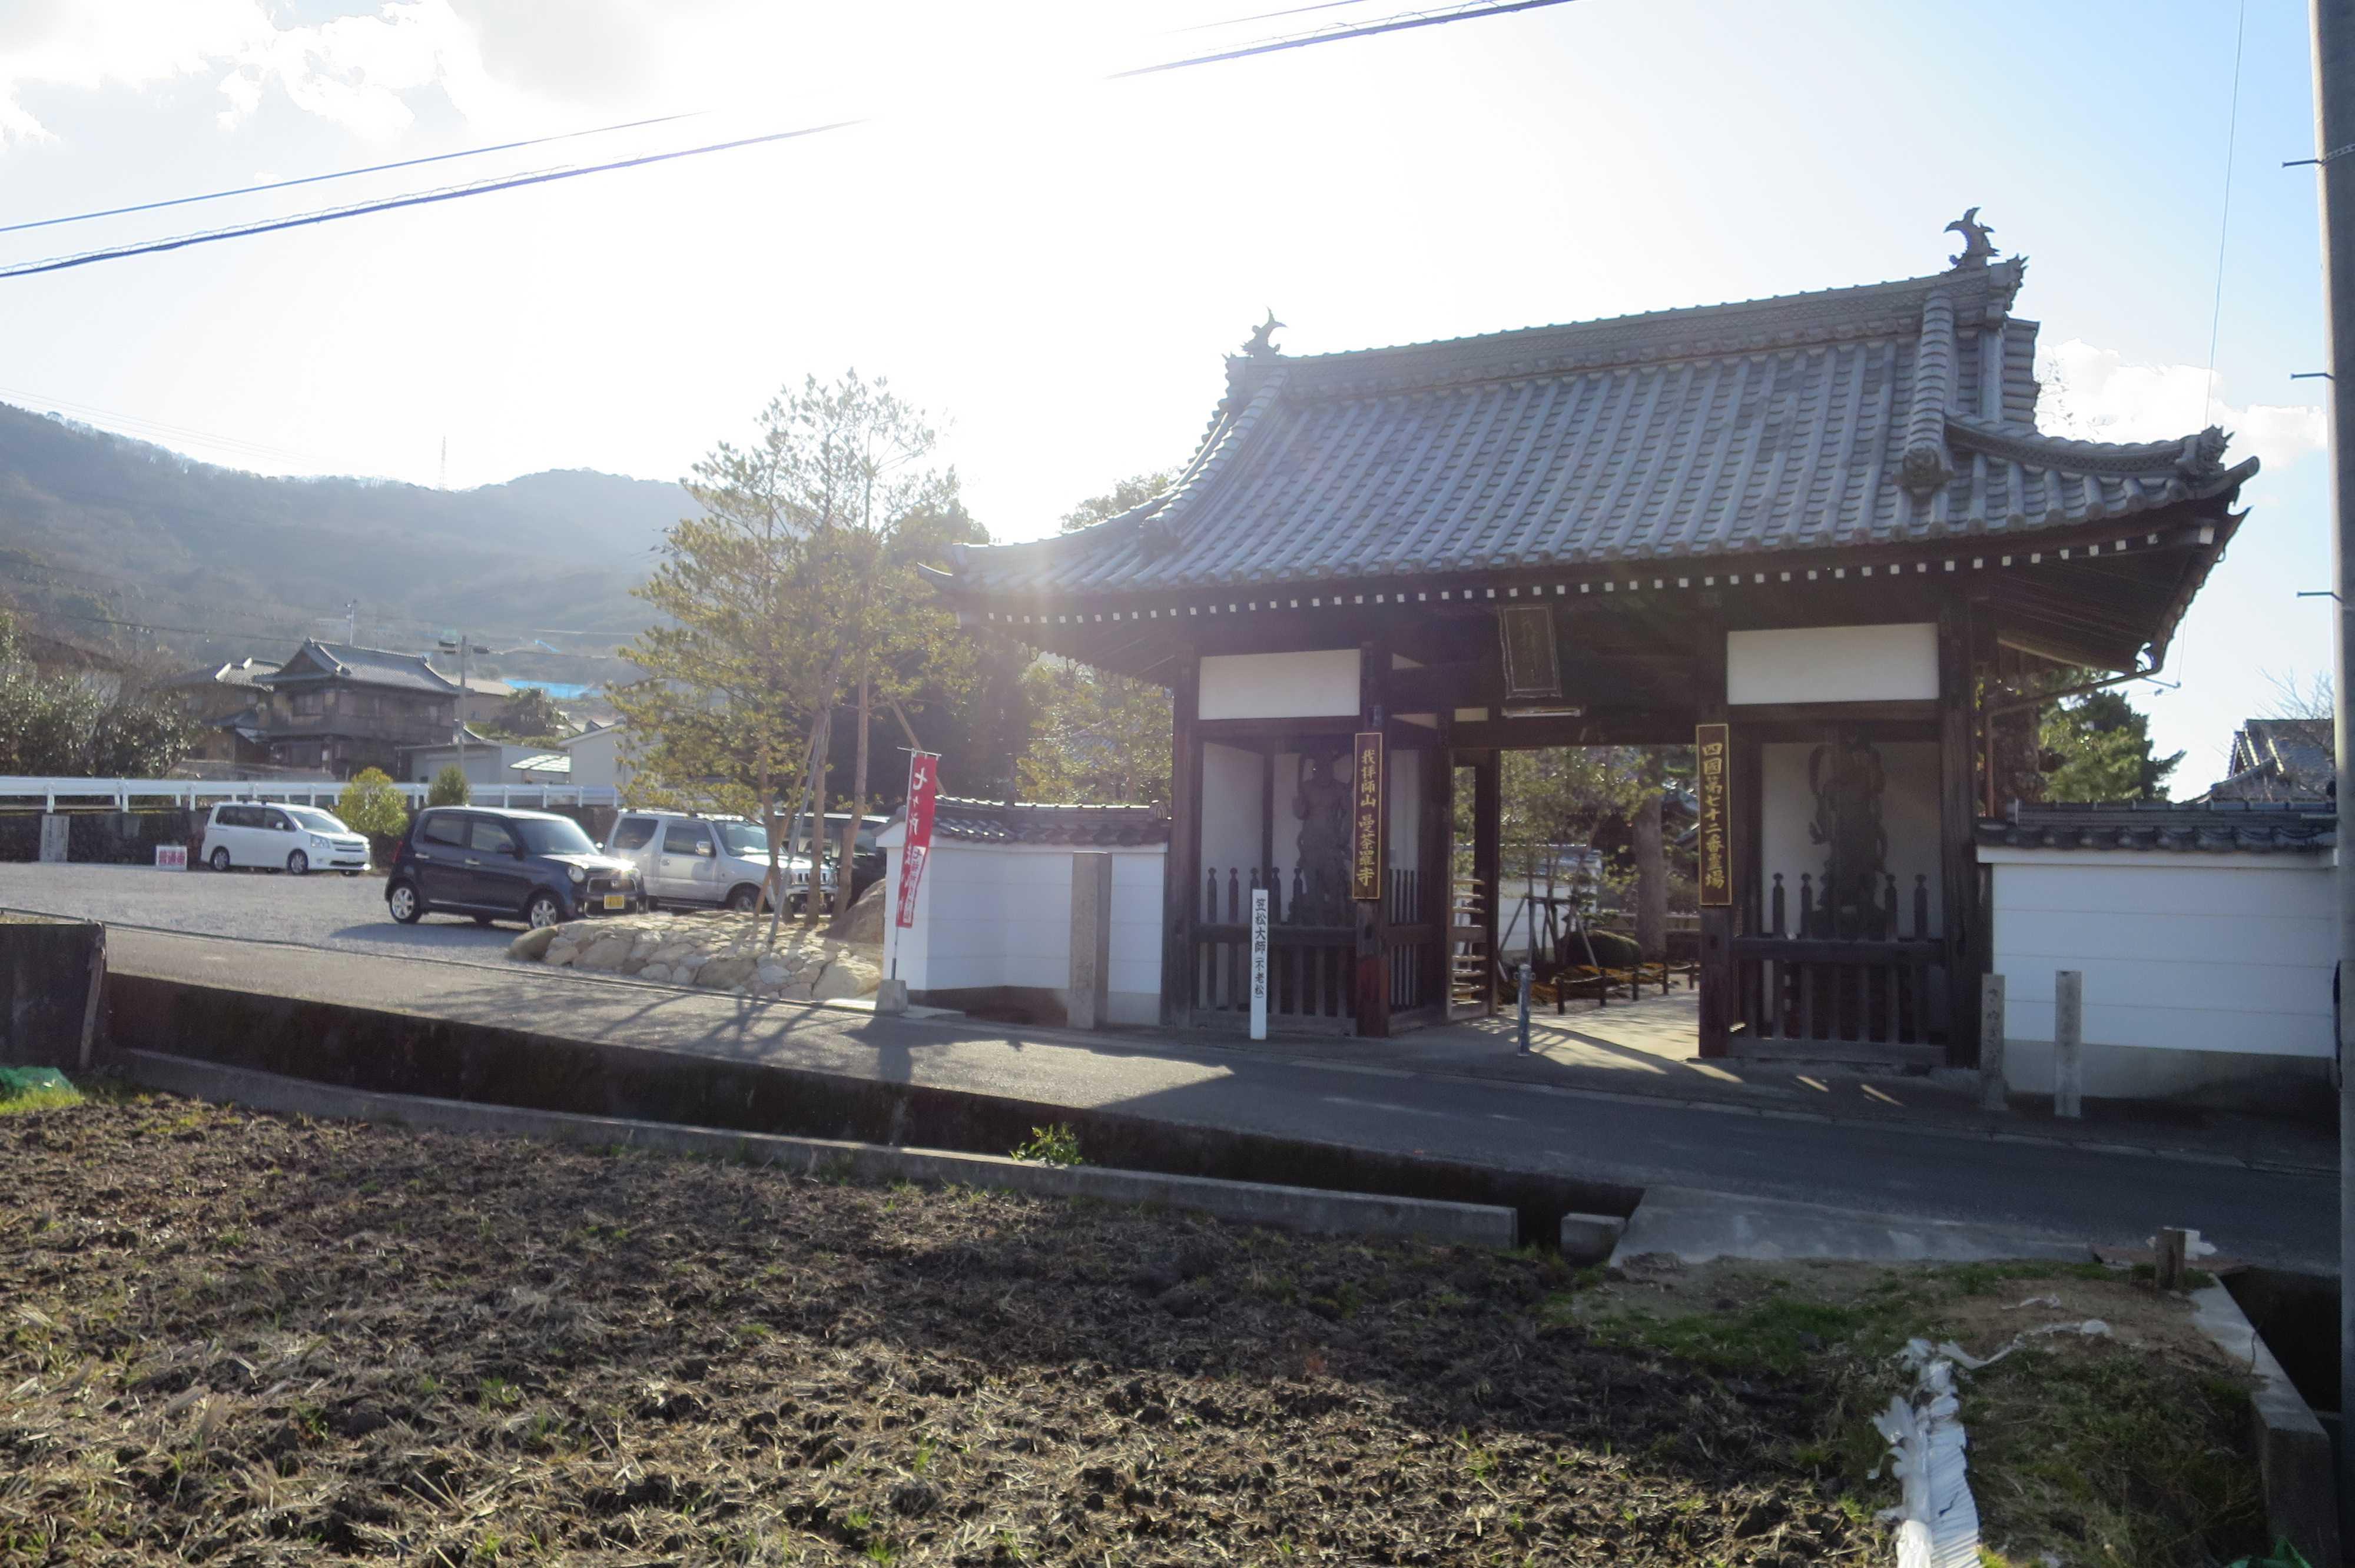 曼荼羅寺 仁王門